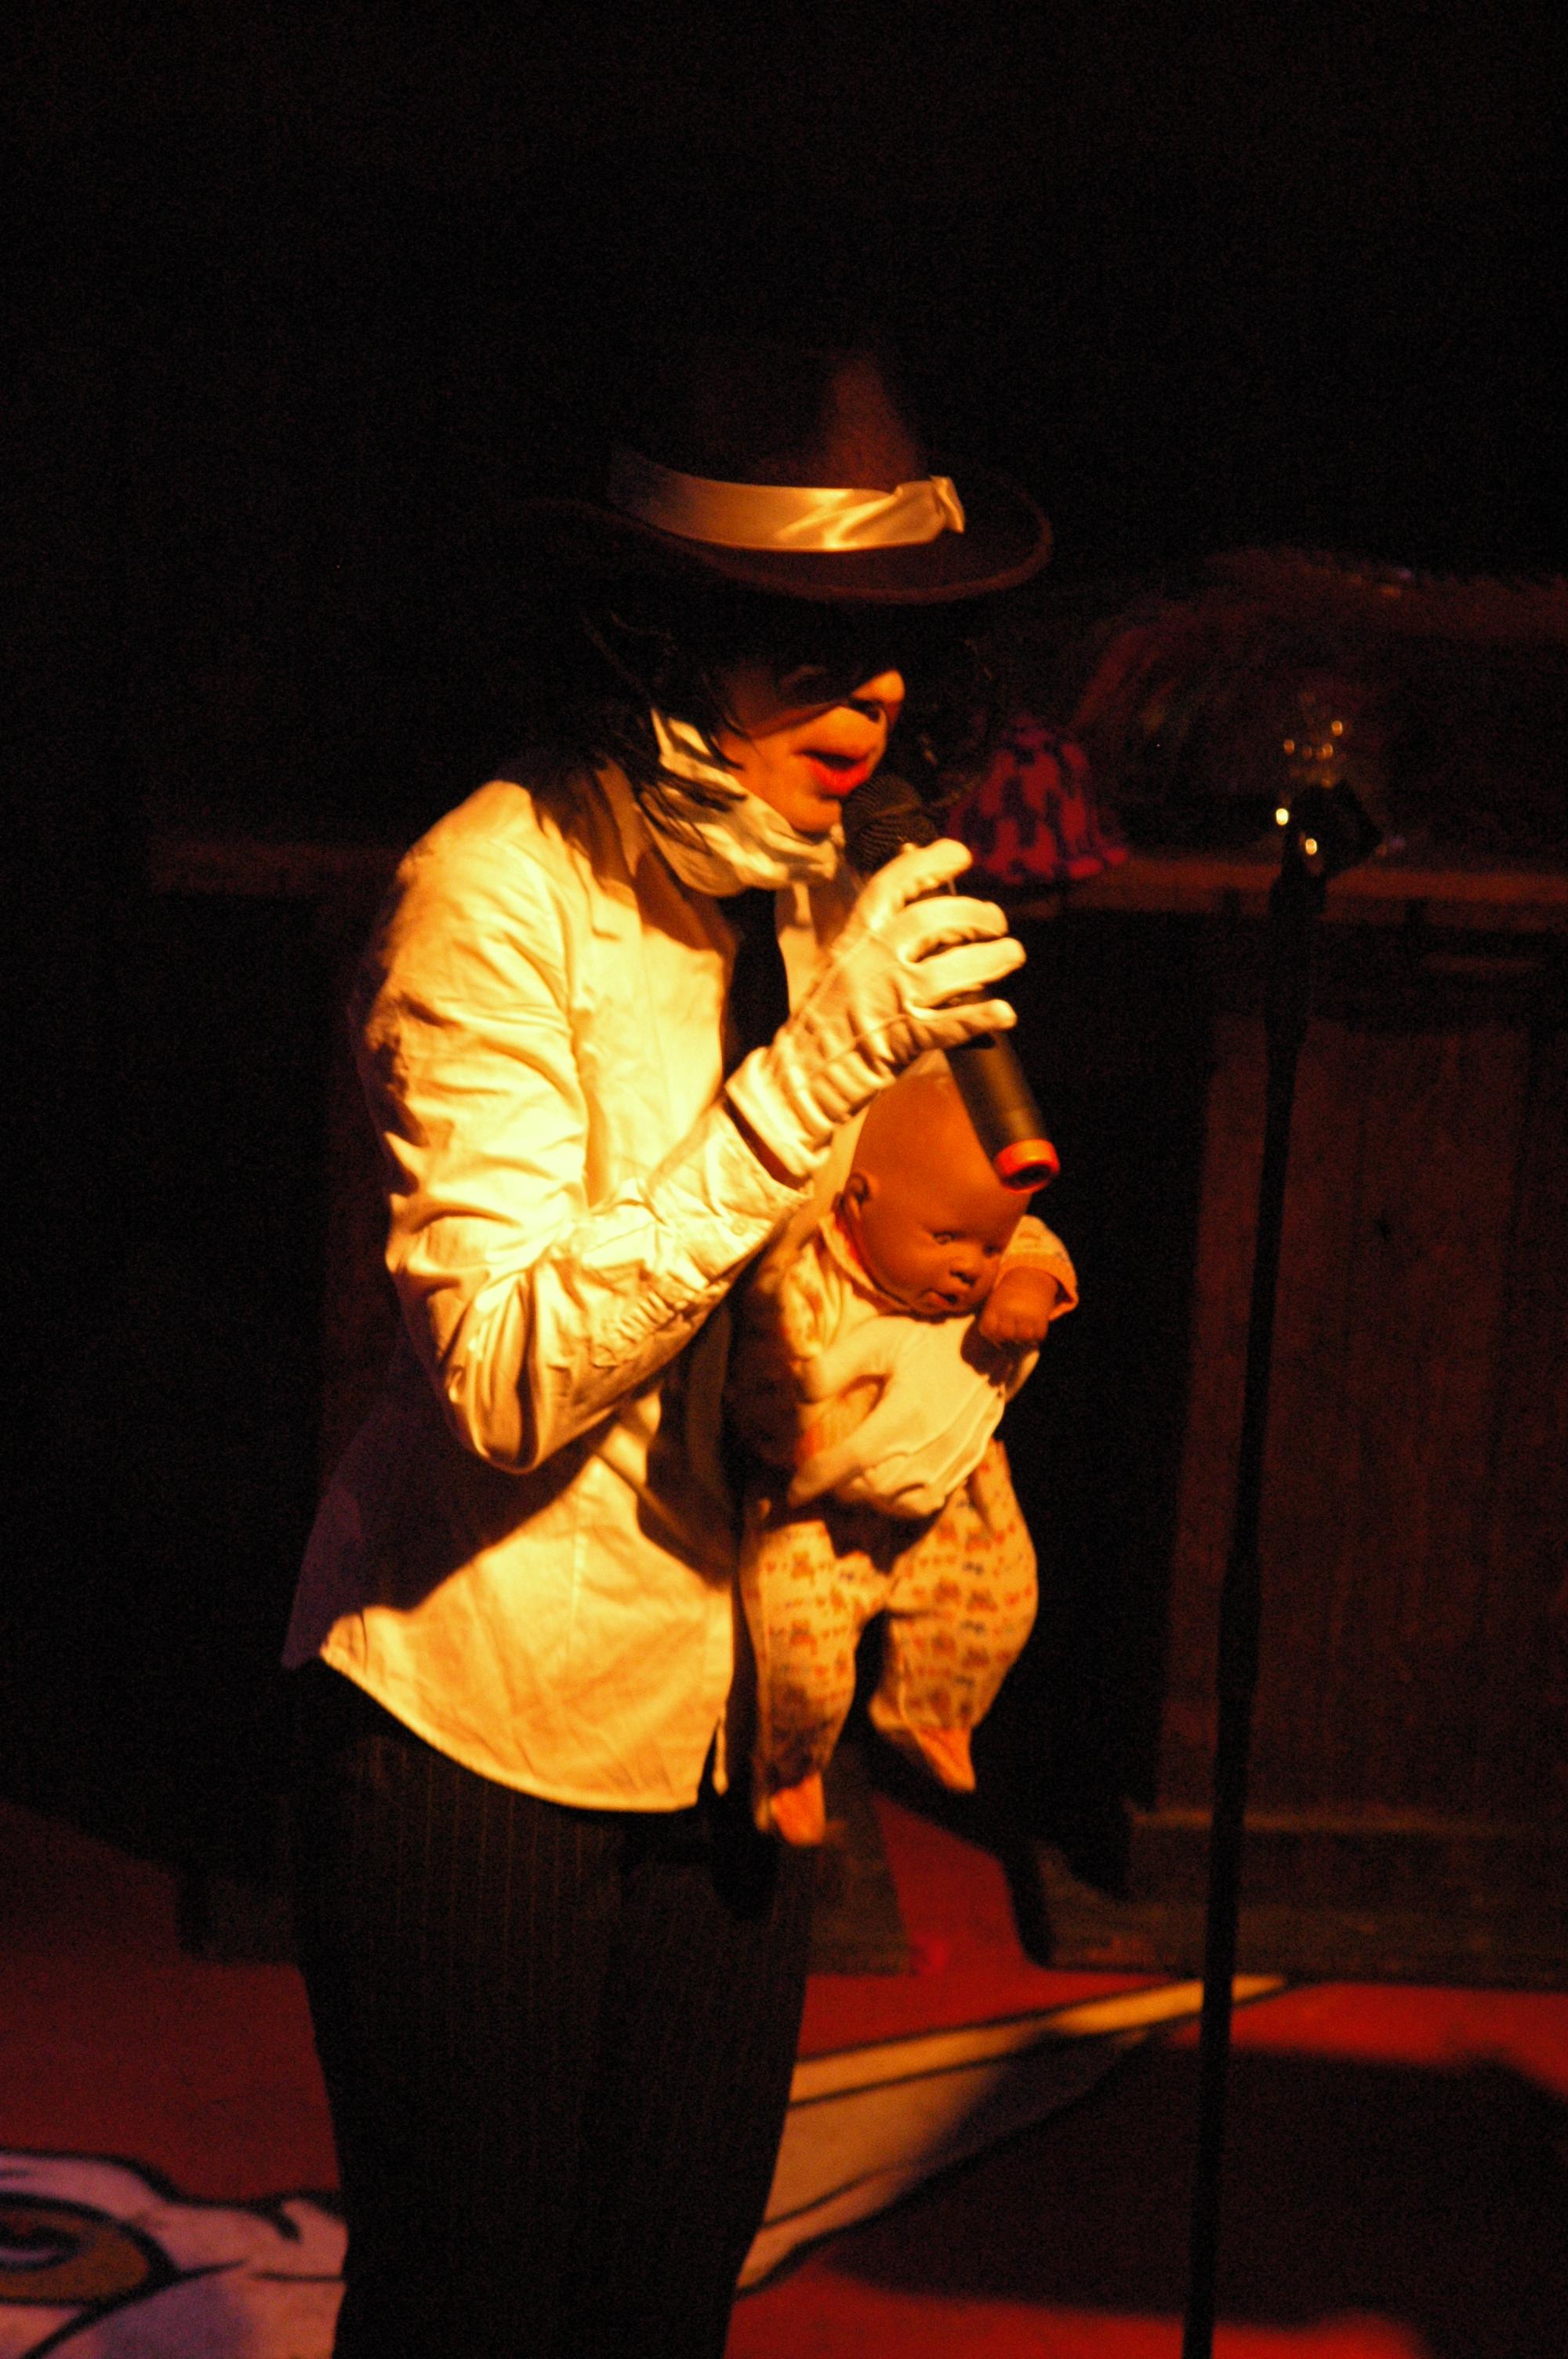 MUSIKOTERAPIA - Michael Jackson HD